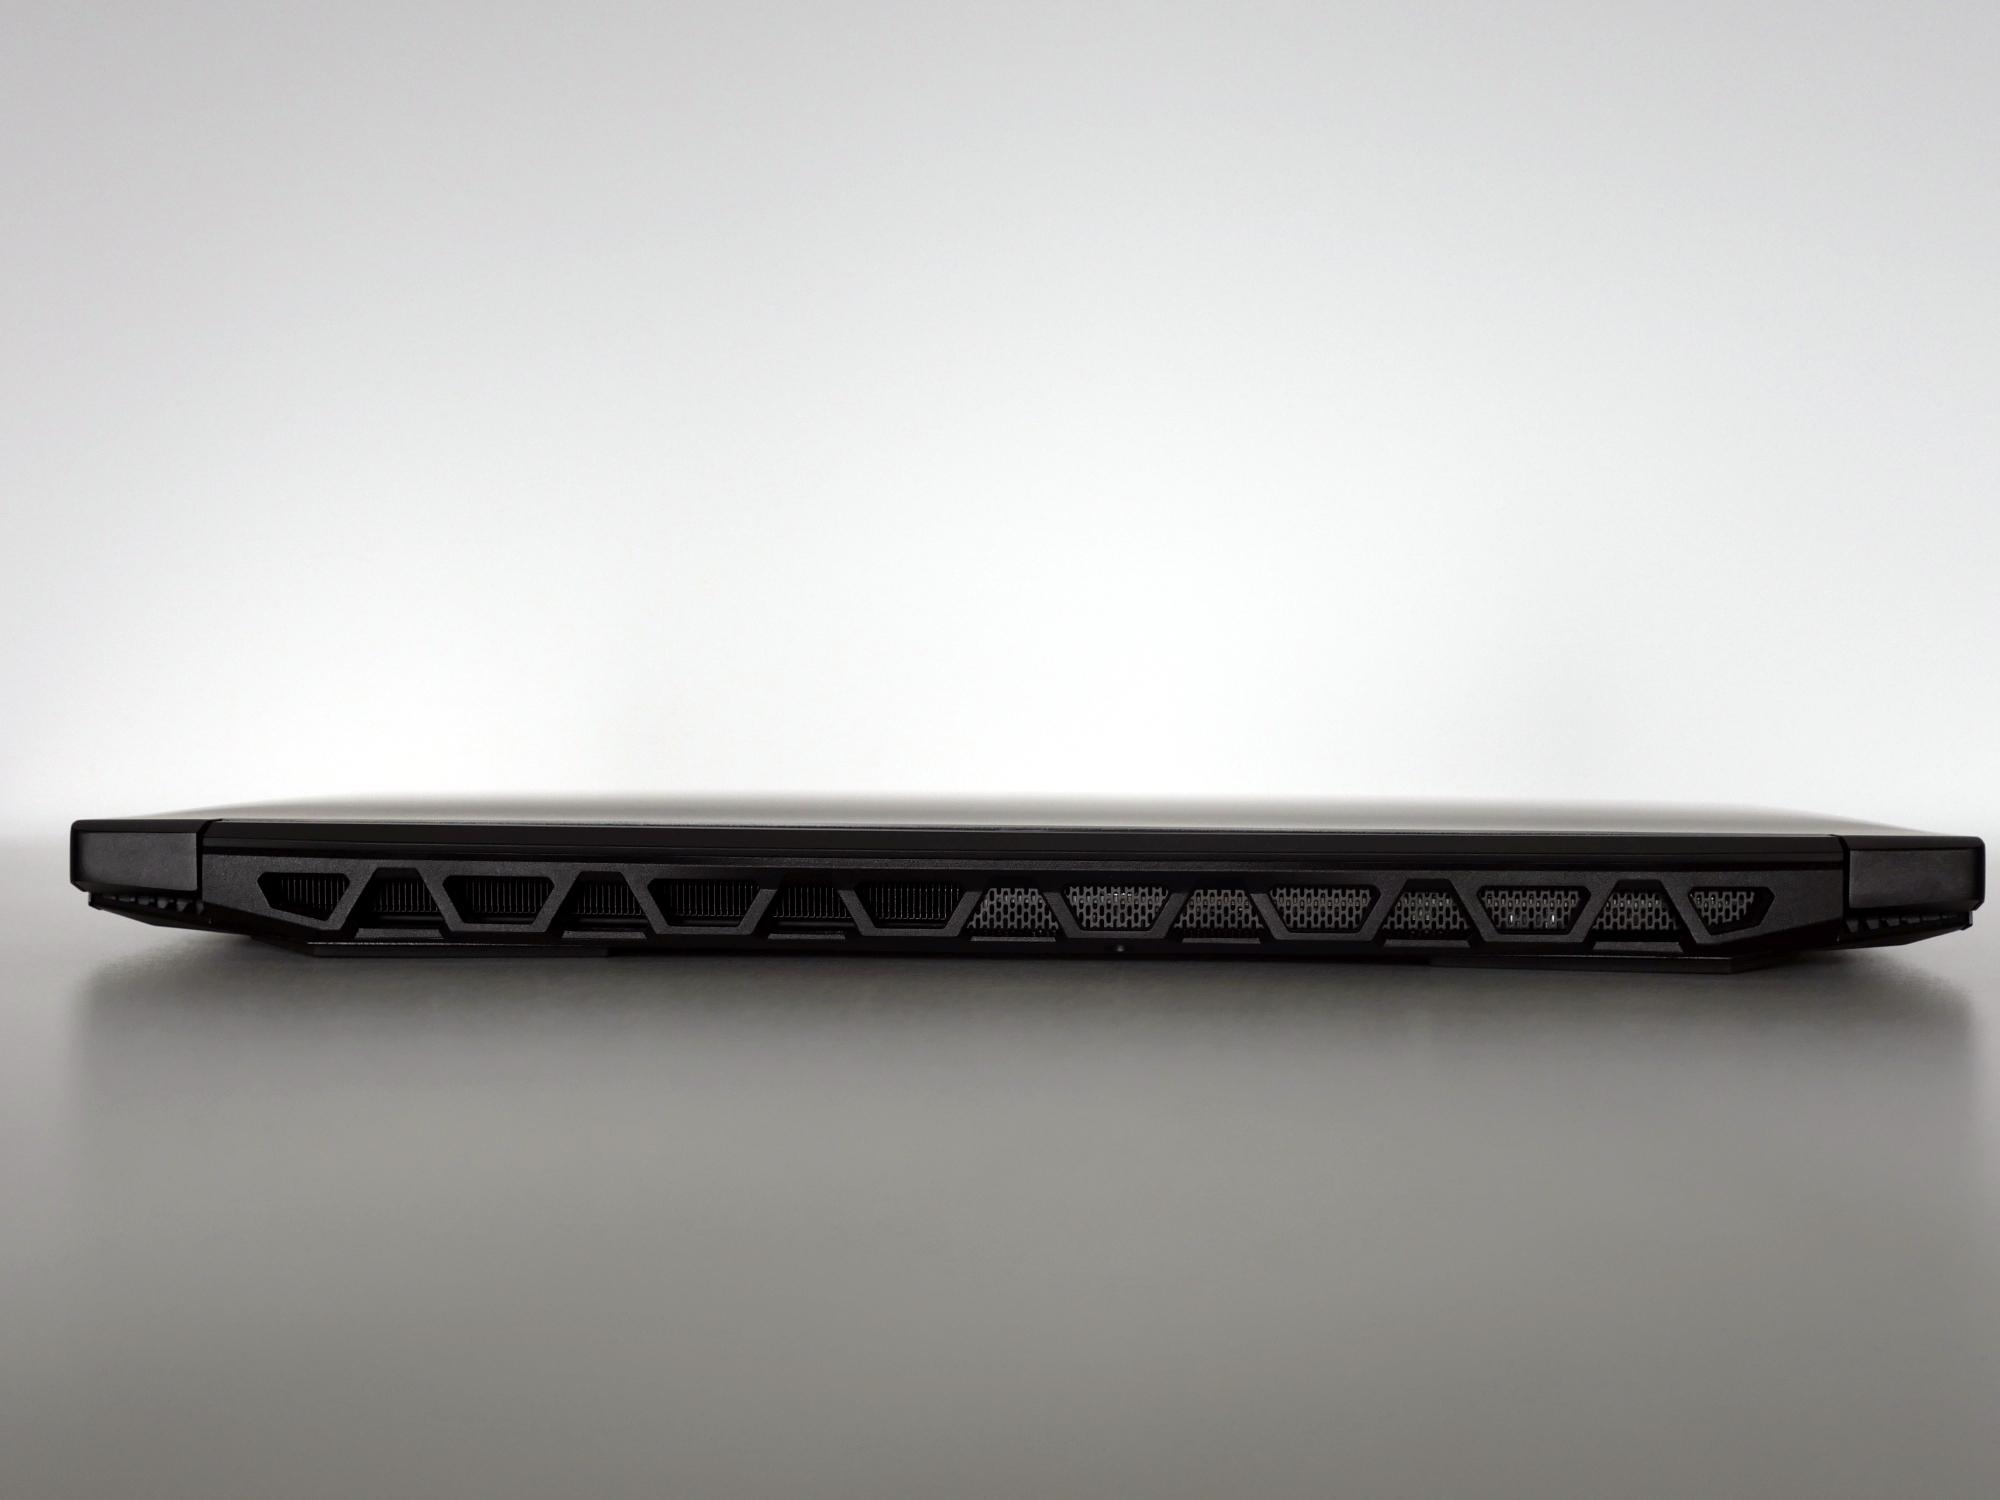 Acer ConceptD 5 Pro - na taki sprzęt czekałem! 49